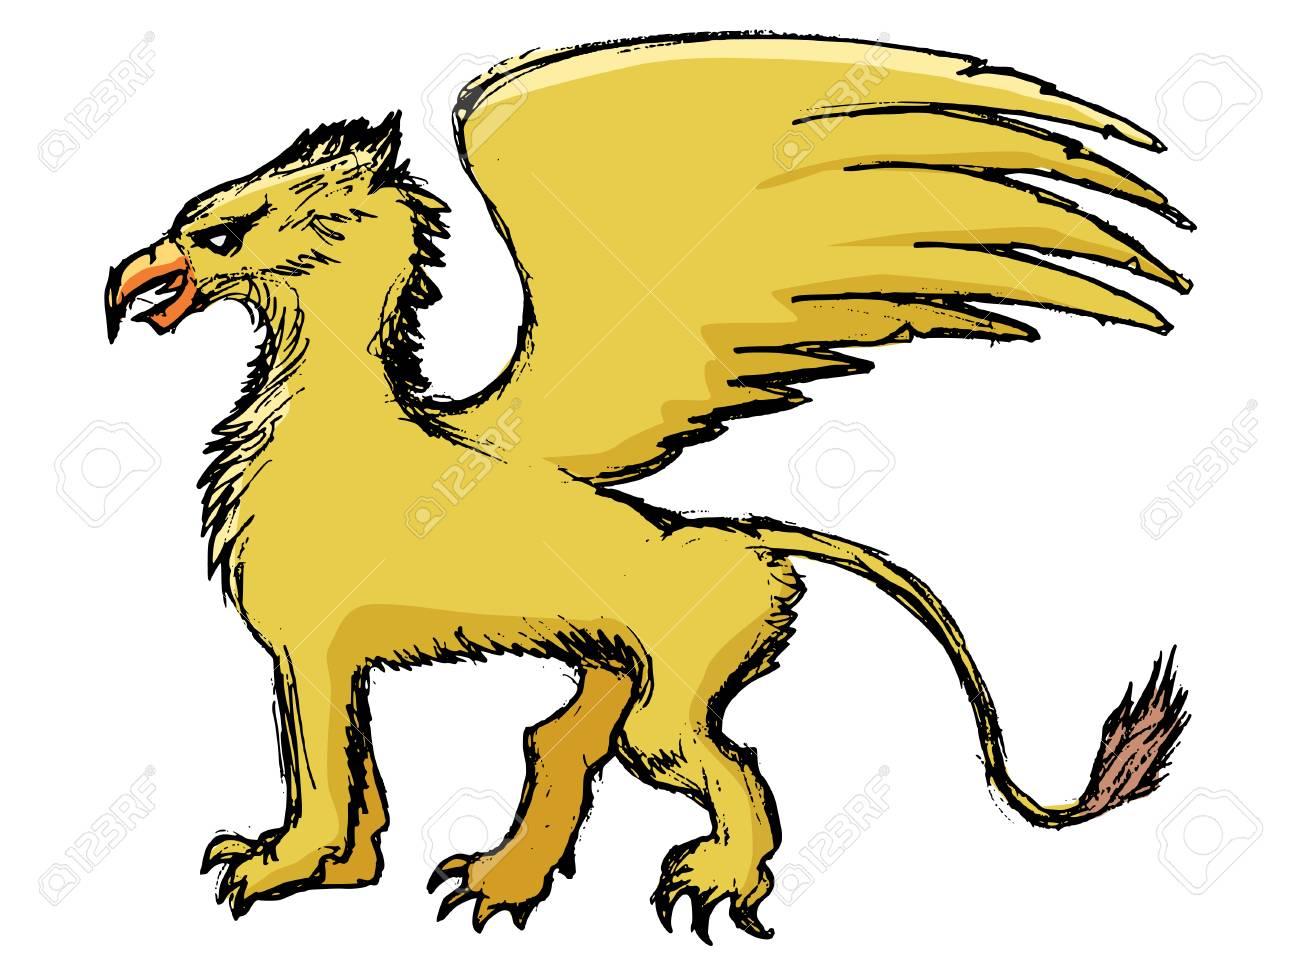 1300x974 Griffon Clipart Mythology